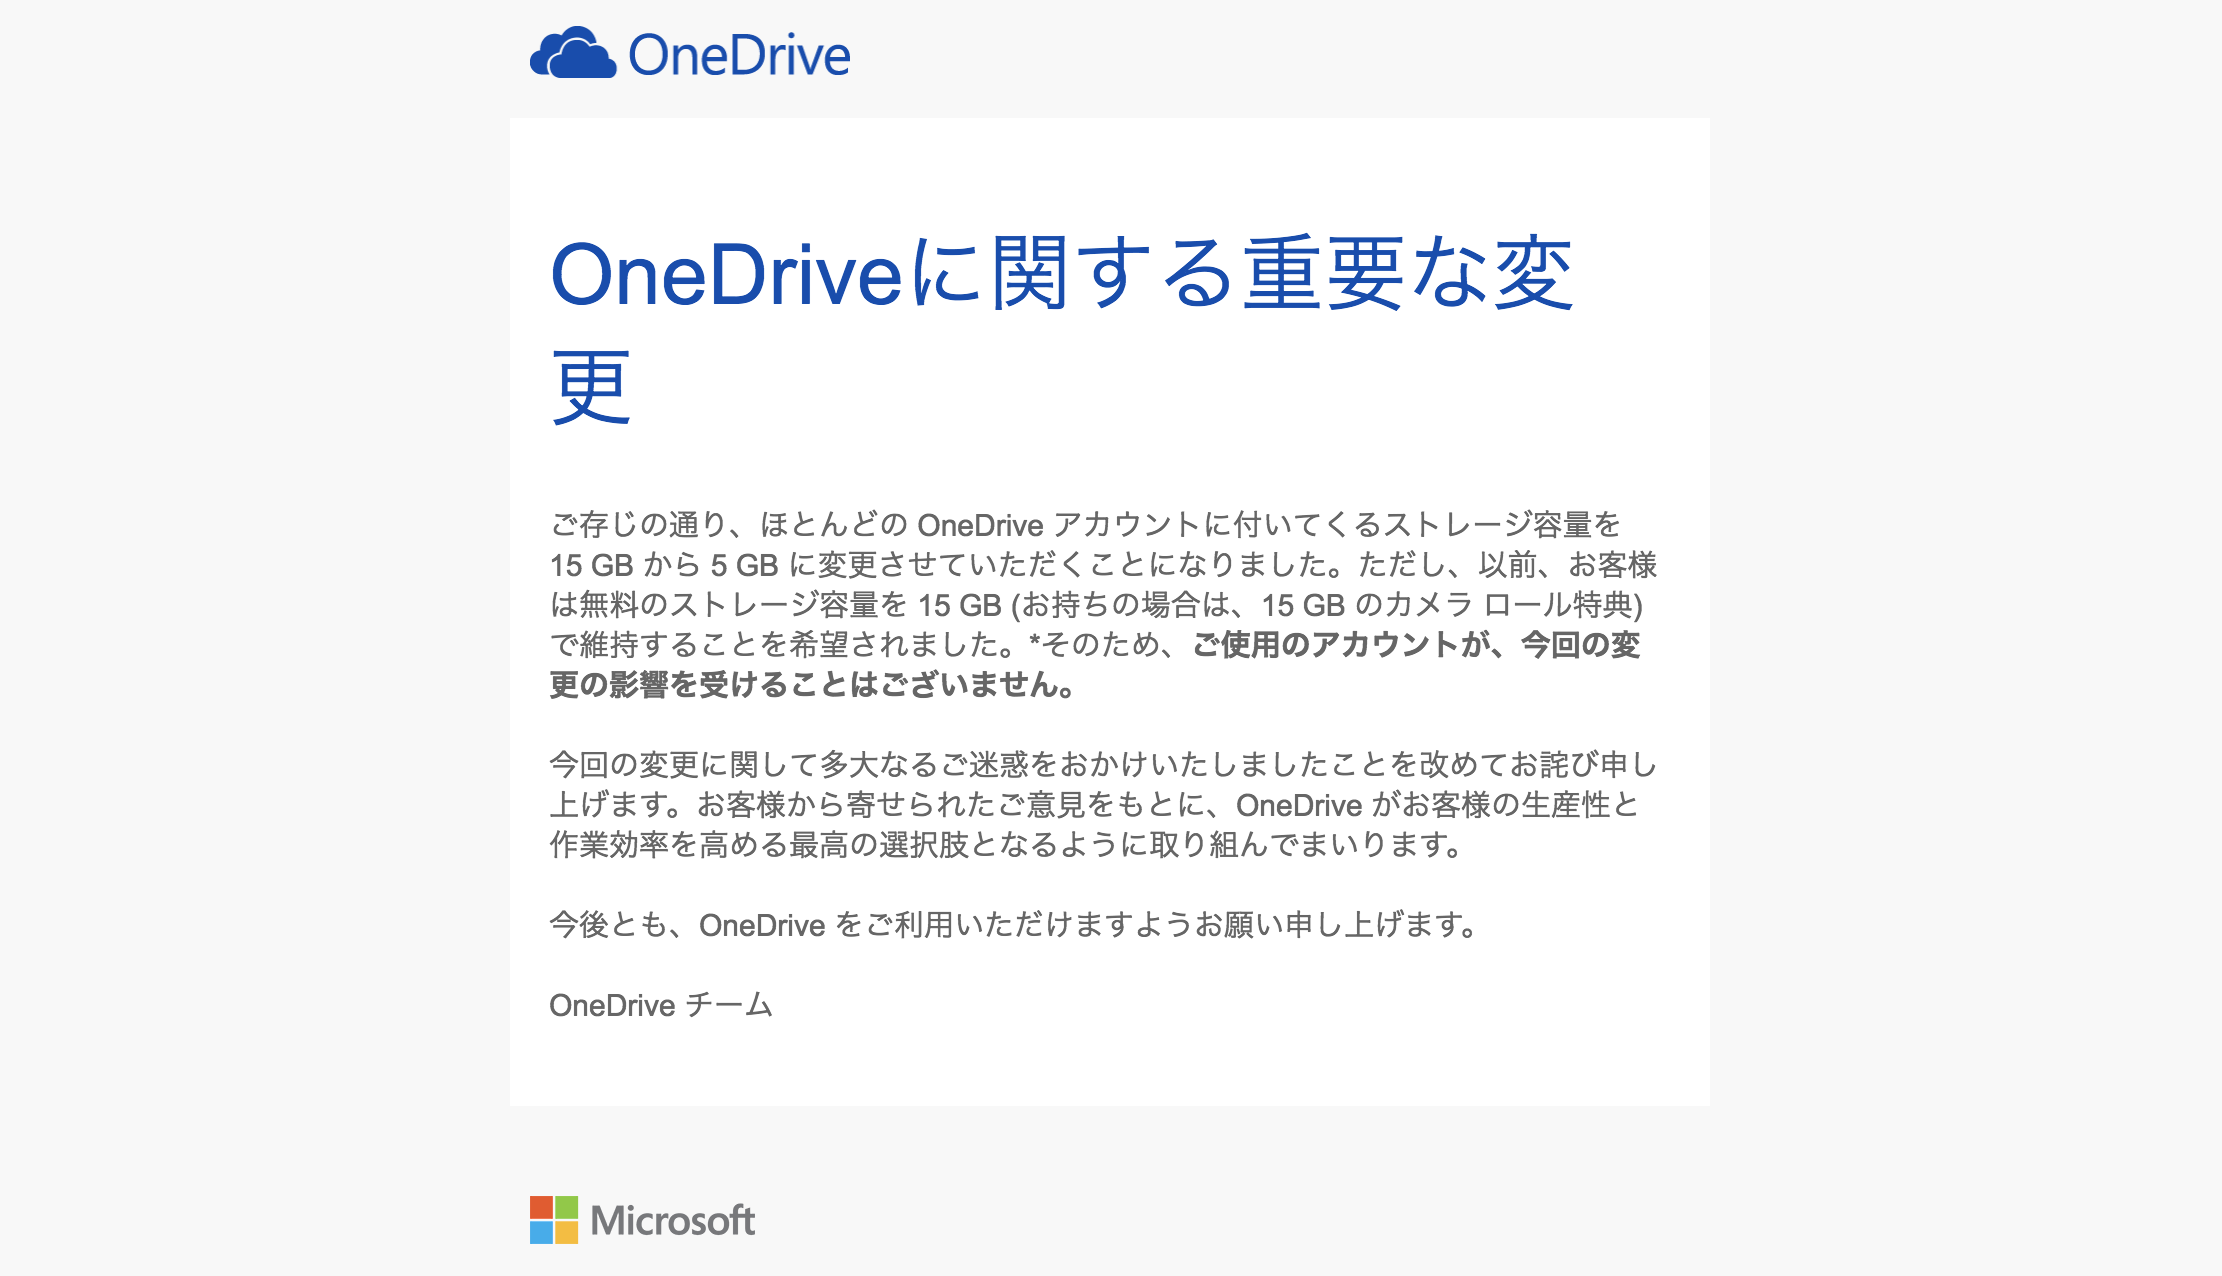 通知始まる!マイクロソフトの「OneDrive」を無料で利用中の方は容量削減される前に対処しましょう!